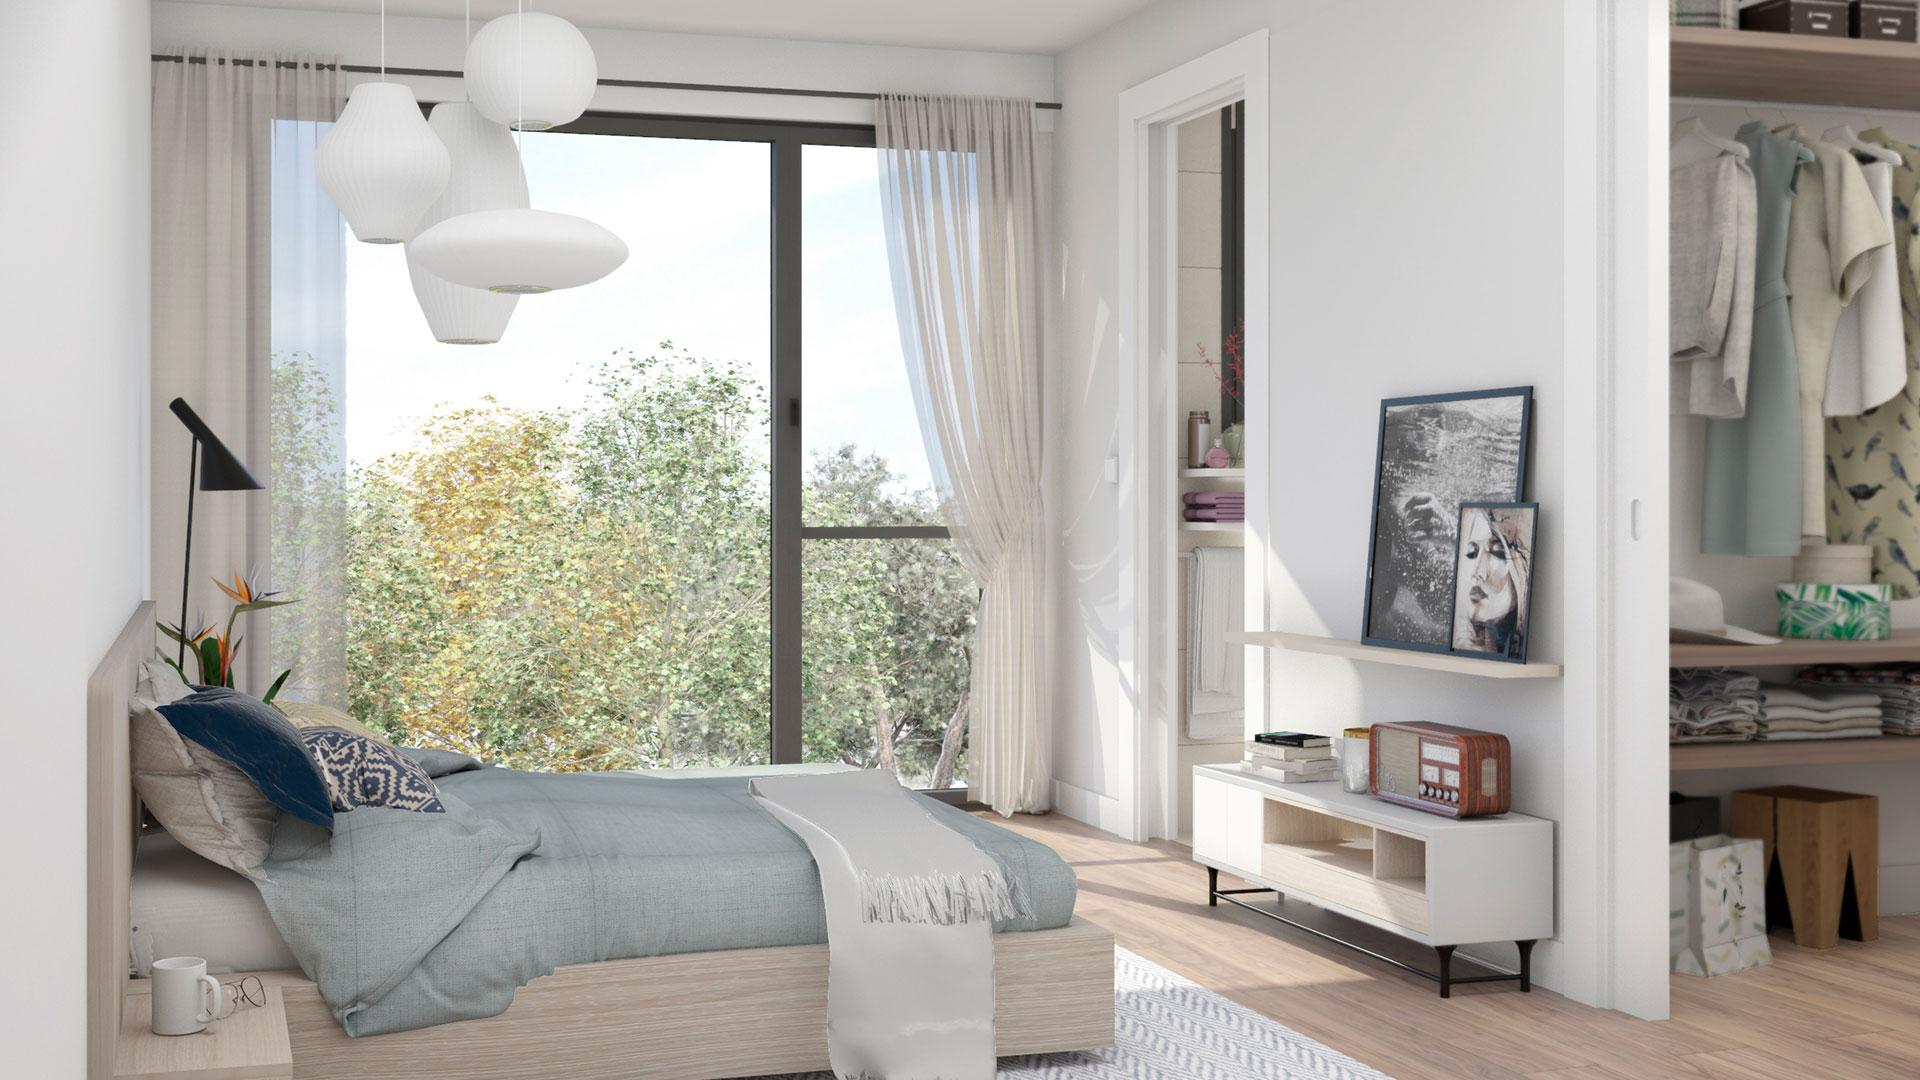 Viviendas en El Cañaveral. Residencial Suertes de la Villa. Dormitorio principal en suite con baño y vestidor